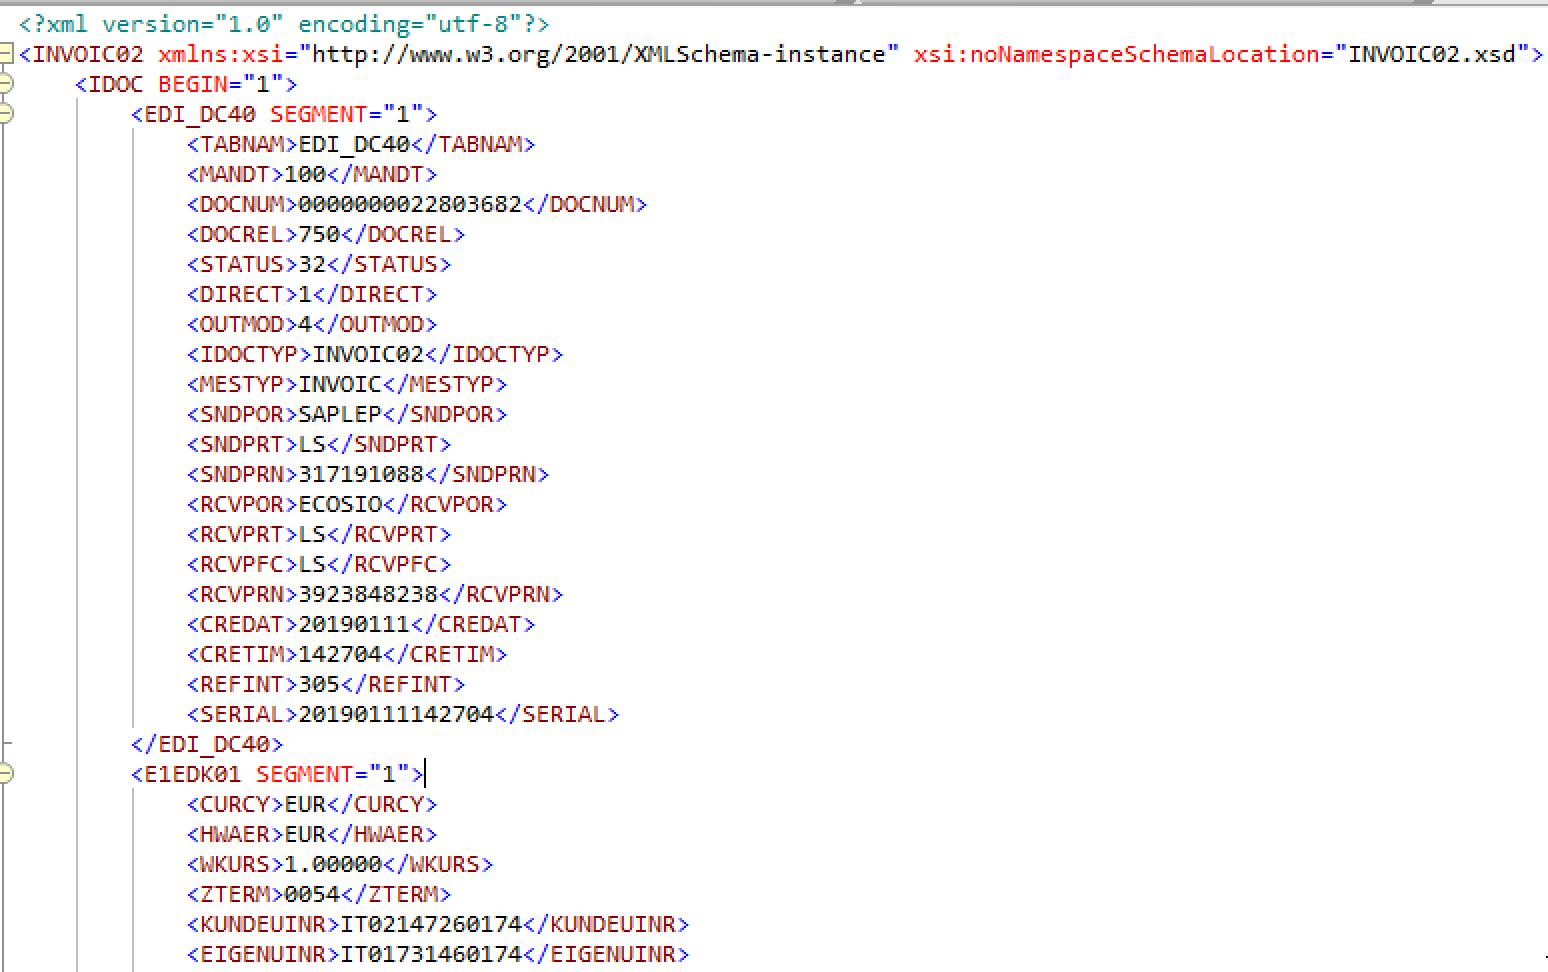 INVOIC02 Data Example